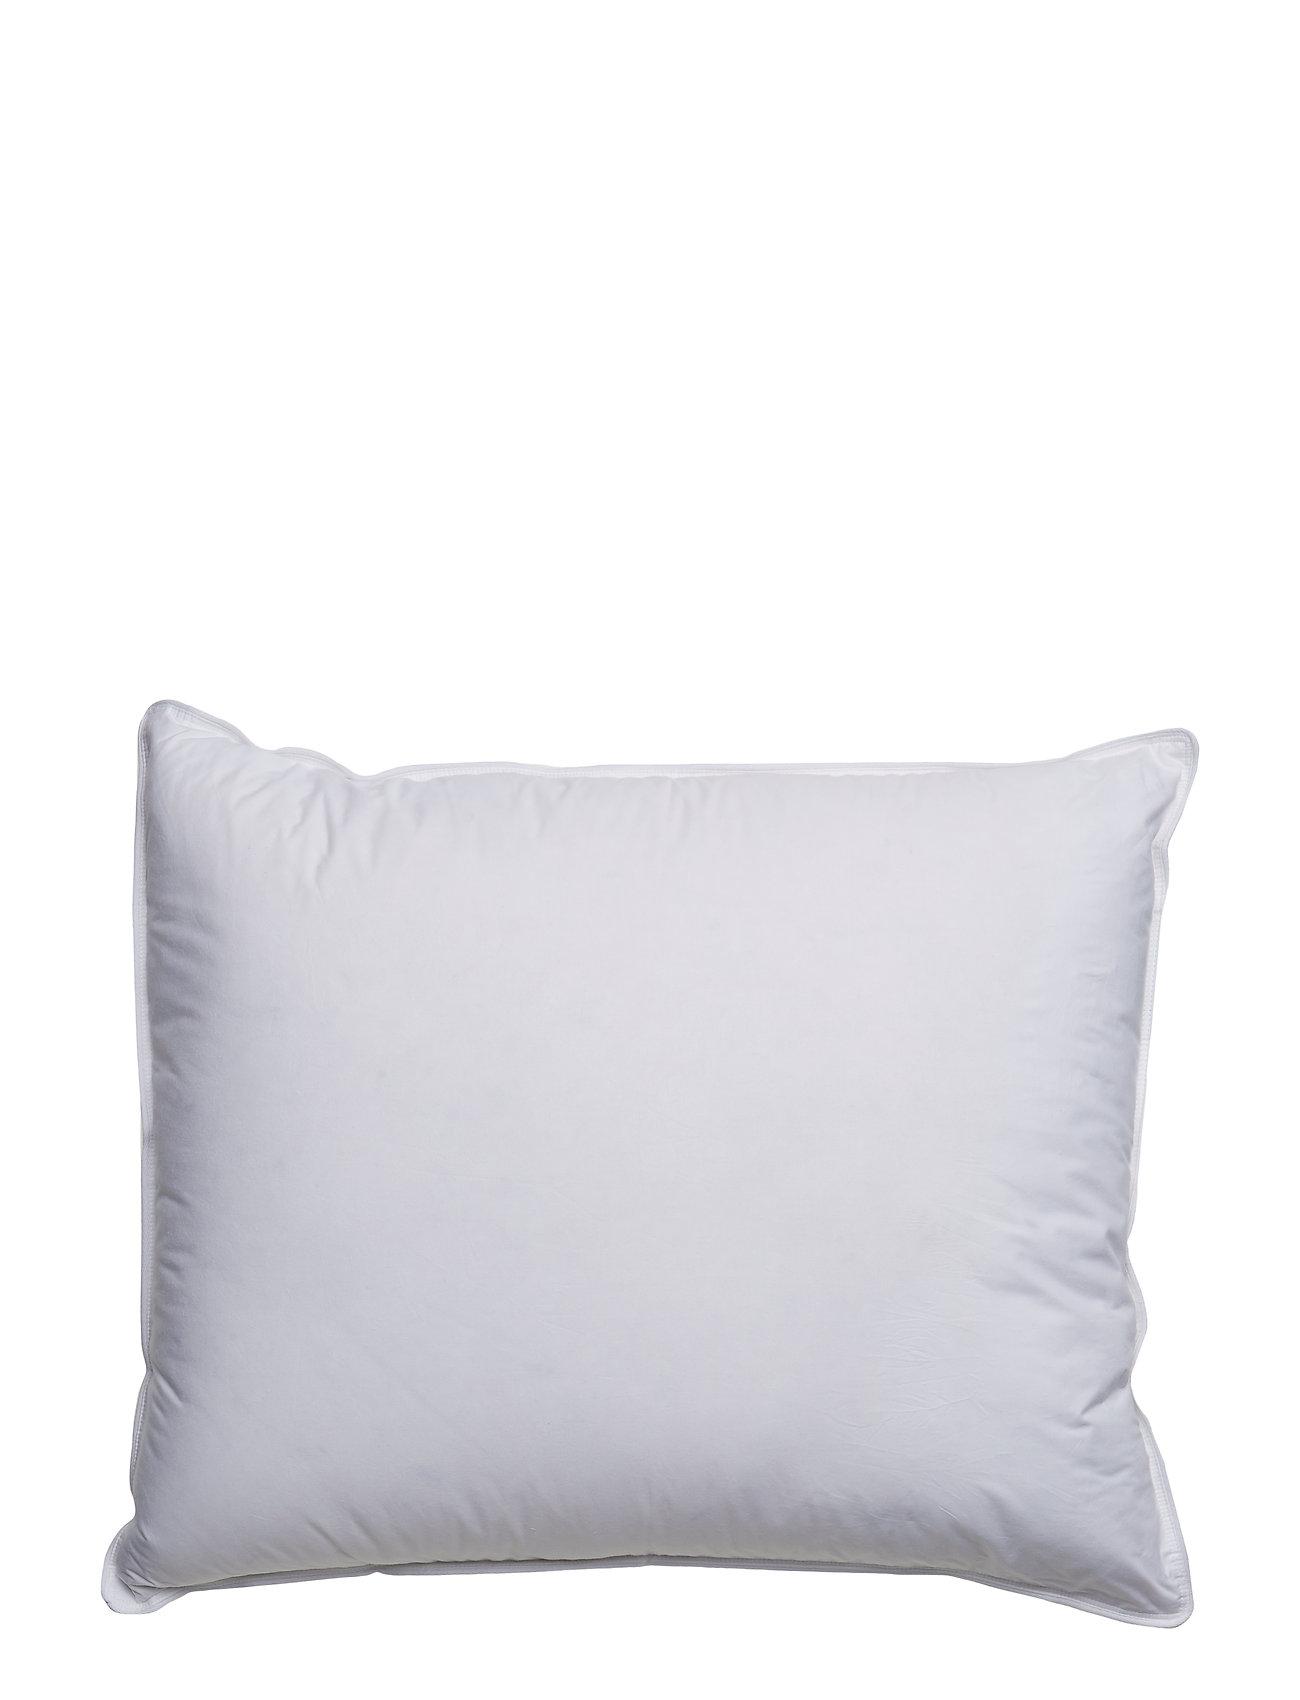 Quilts of Denmark Nænsom High 3 chamber pillow - WHITE